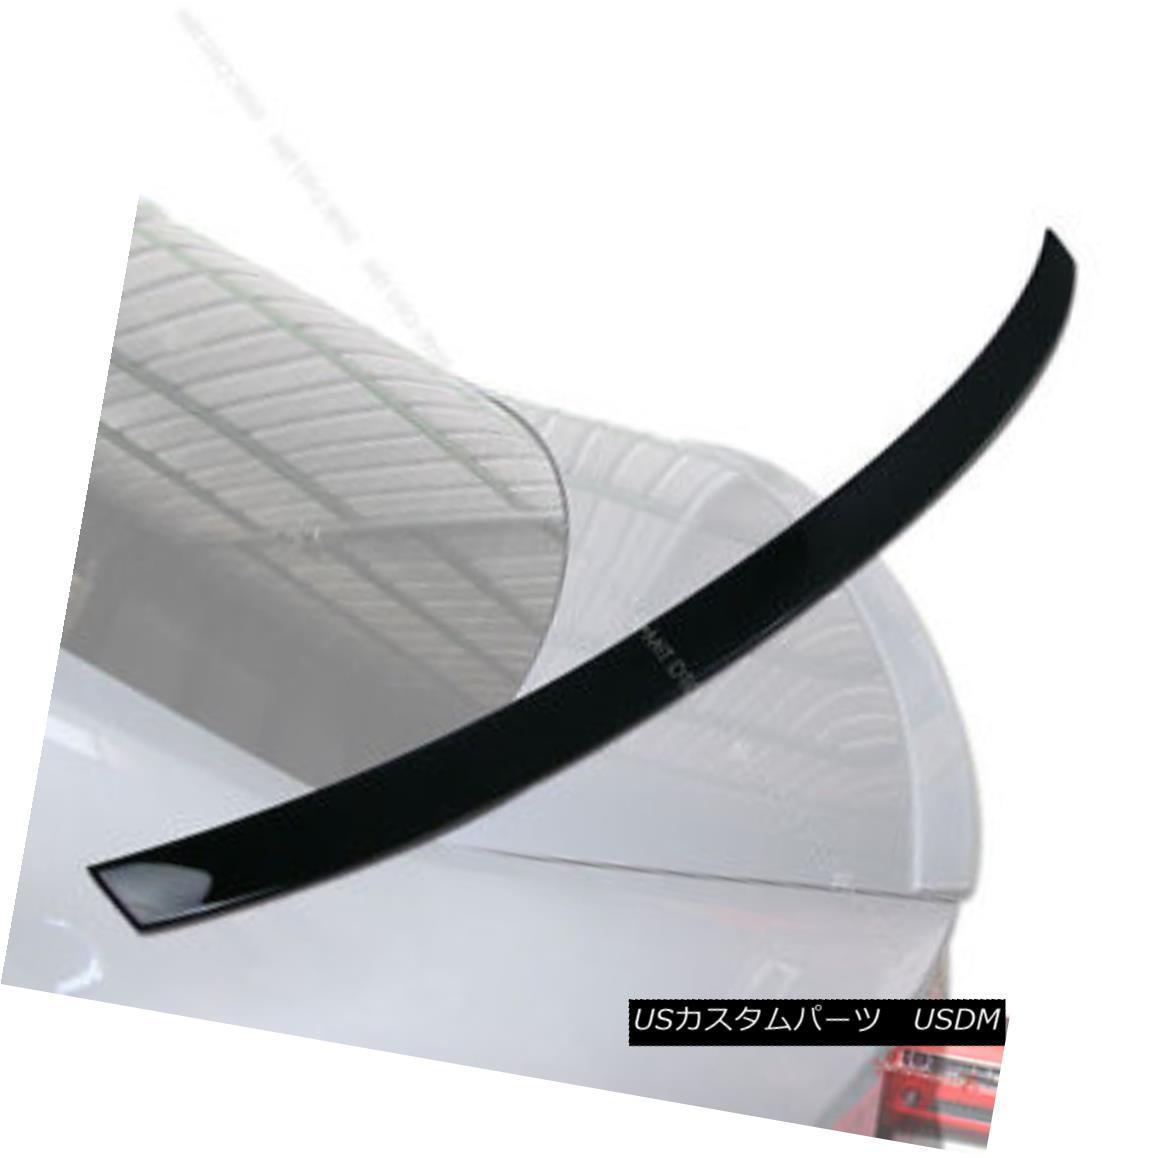 エアロパーツ Painted 09 11 AUDI A4 B8 Rear Boot Trunk Spoiler Wing NEW LY7W § 塗装09 11 AUDI A4 B8リアブーツトランクスポイラーウィングNEW LY7W